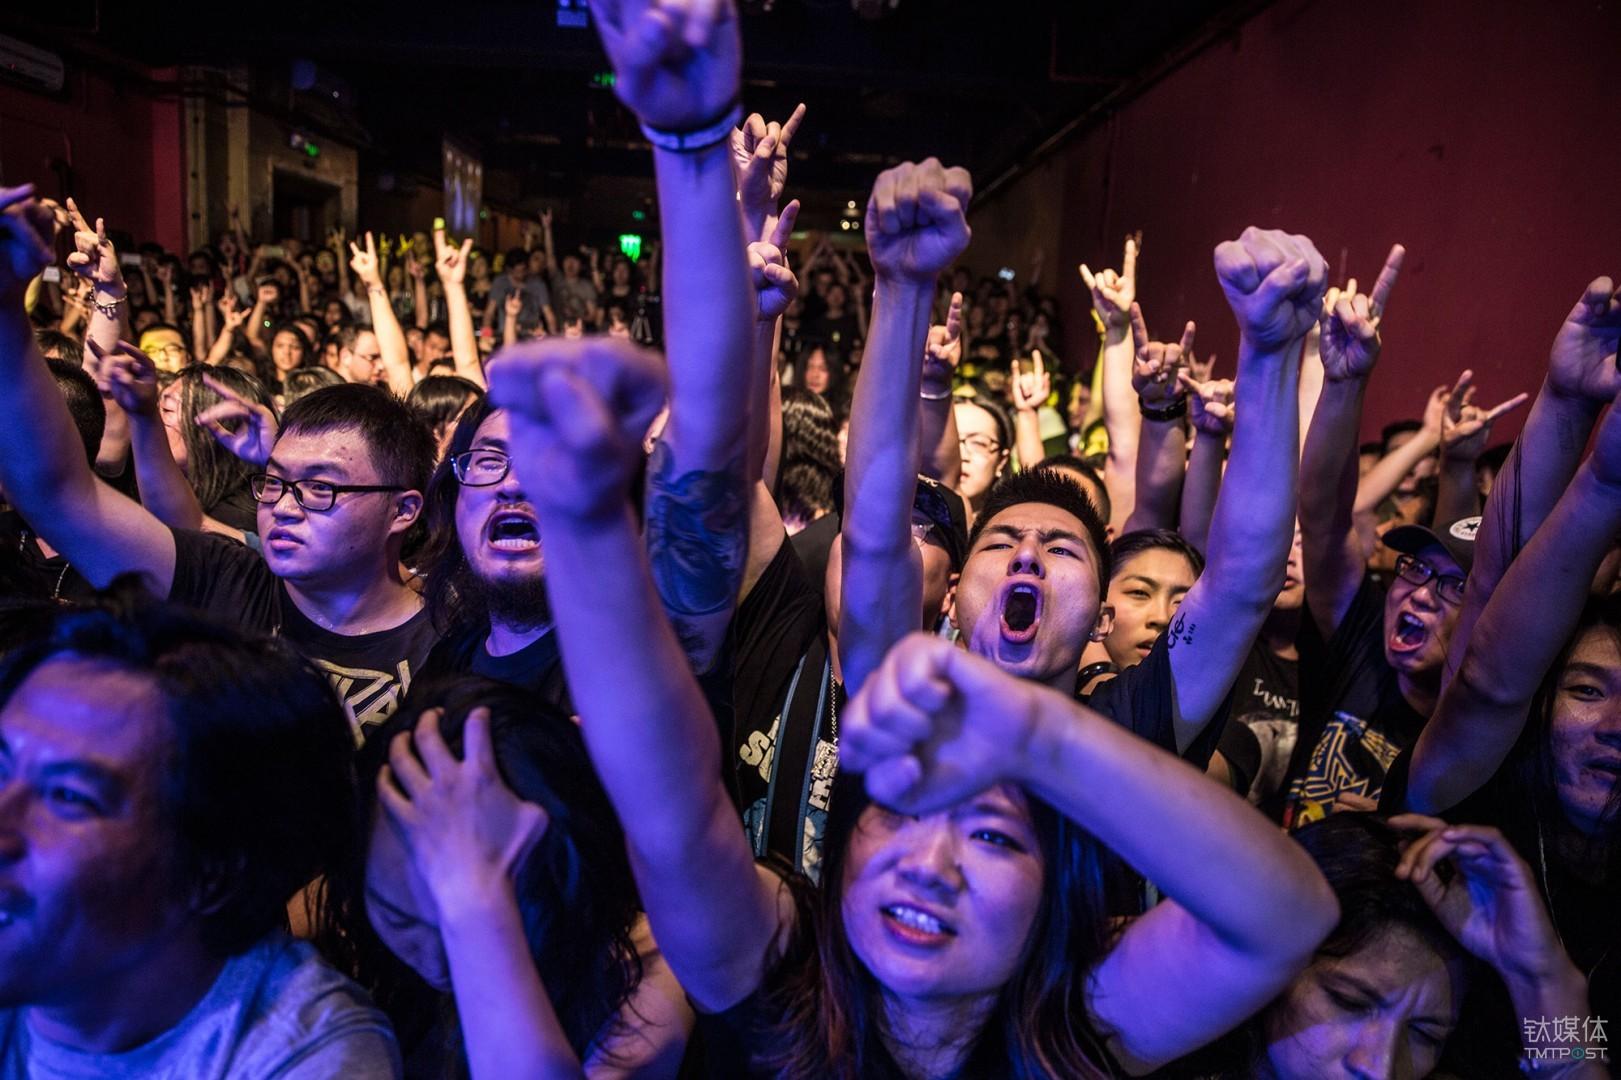 金属党。北京愚公移山,观看金属重金属乐队Kreator演出的乐迷。对金属党来说,一段恰当的RIFF就可以点燃他们内心的狂野和侵略性。